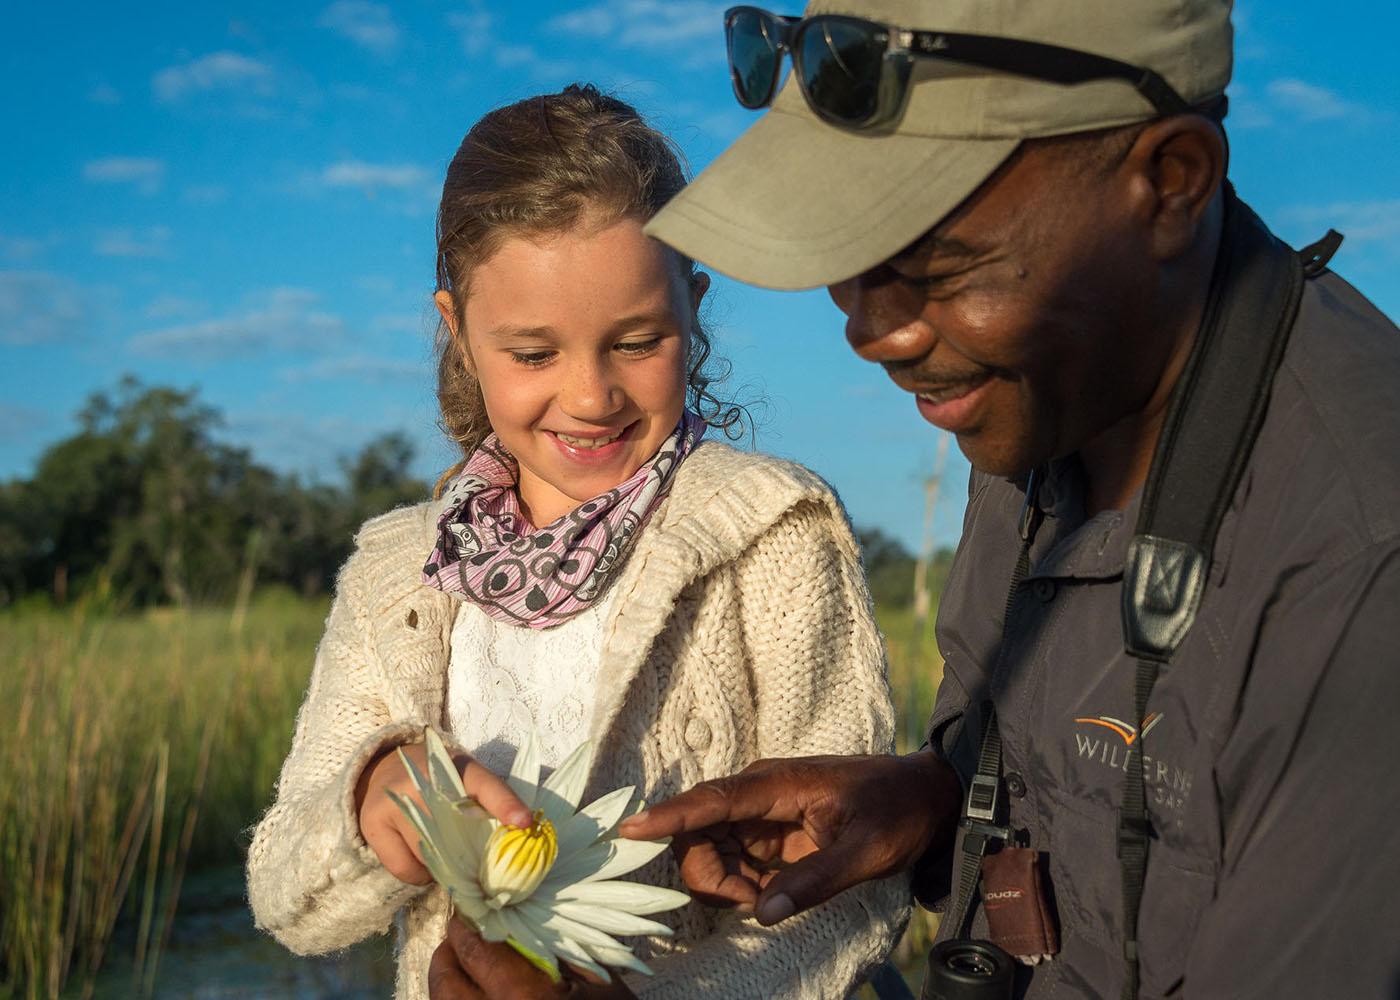 Botswana, en bateau dans le delta de l'Okavango, un guide montre un nénuphar à jeune fille